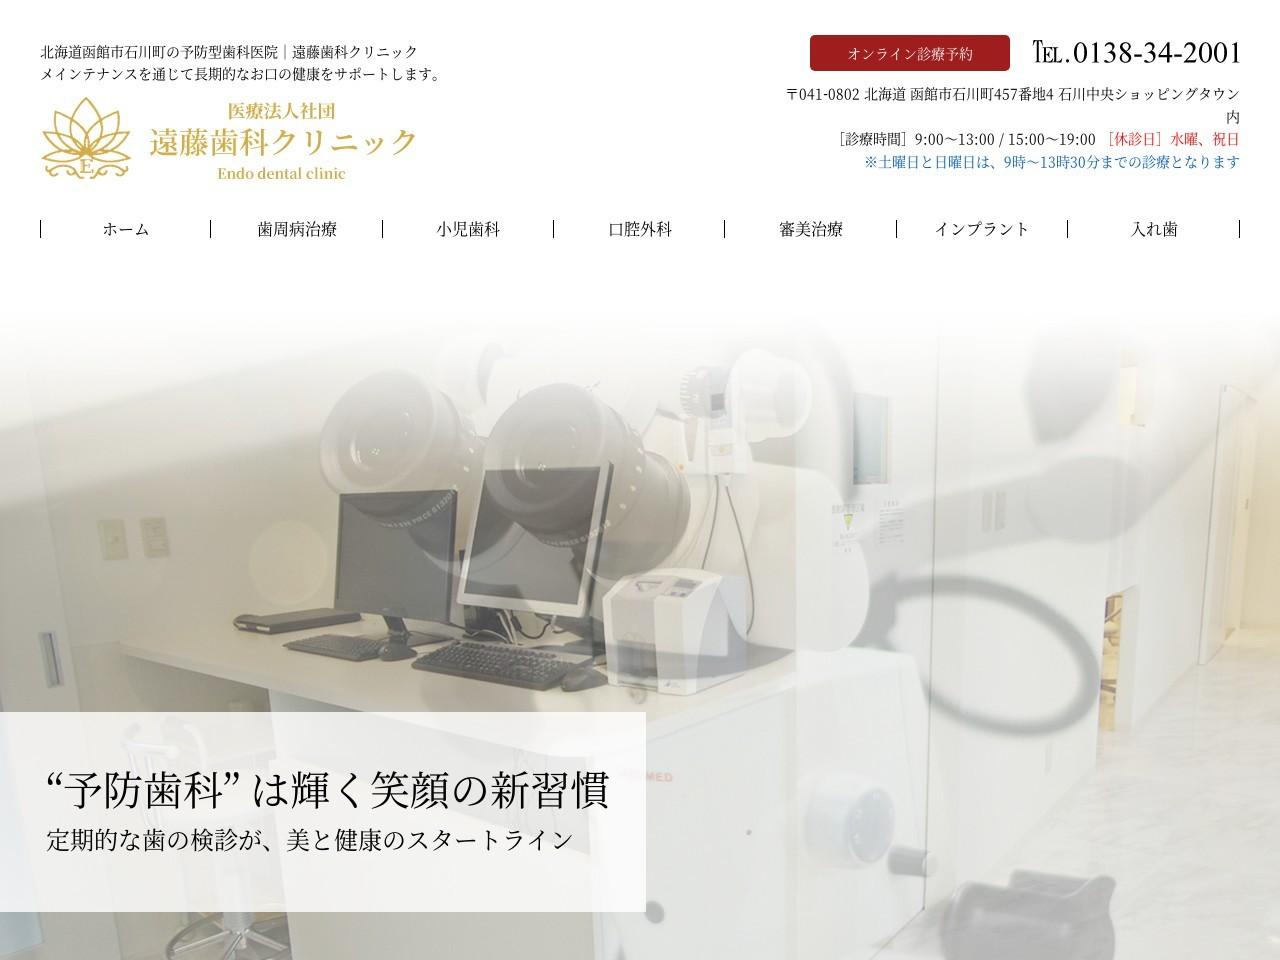 遠藤歯科クリニック (北海道函館市)